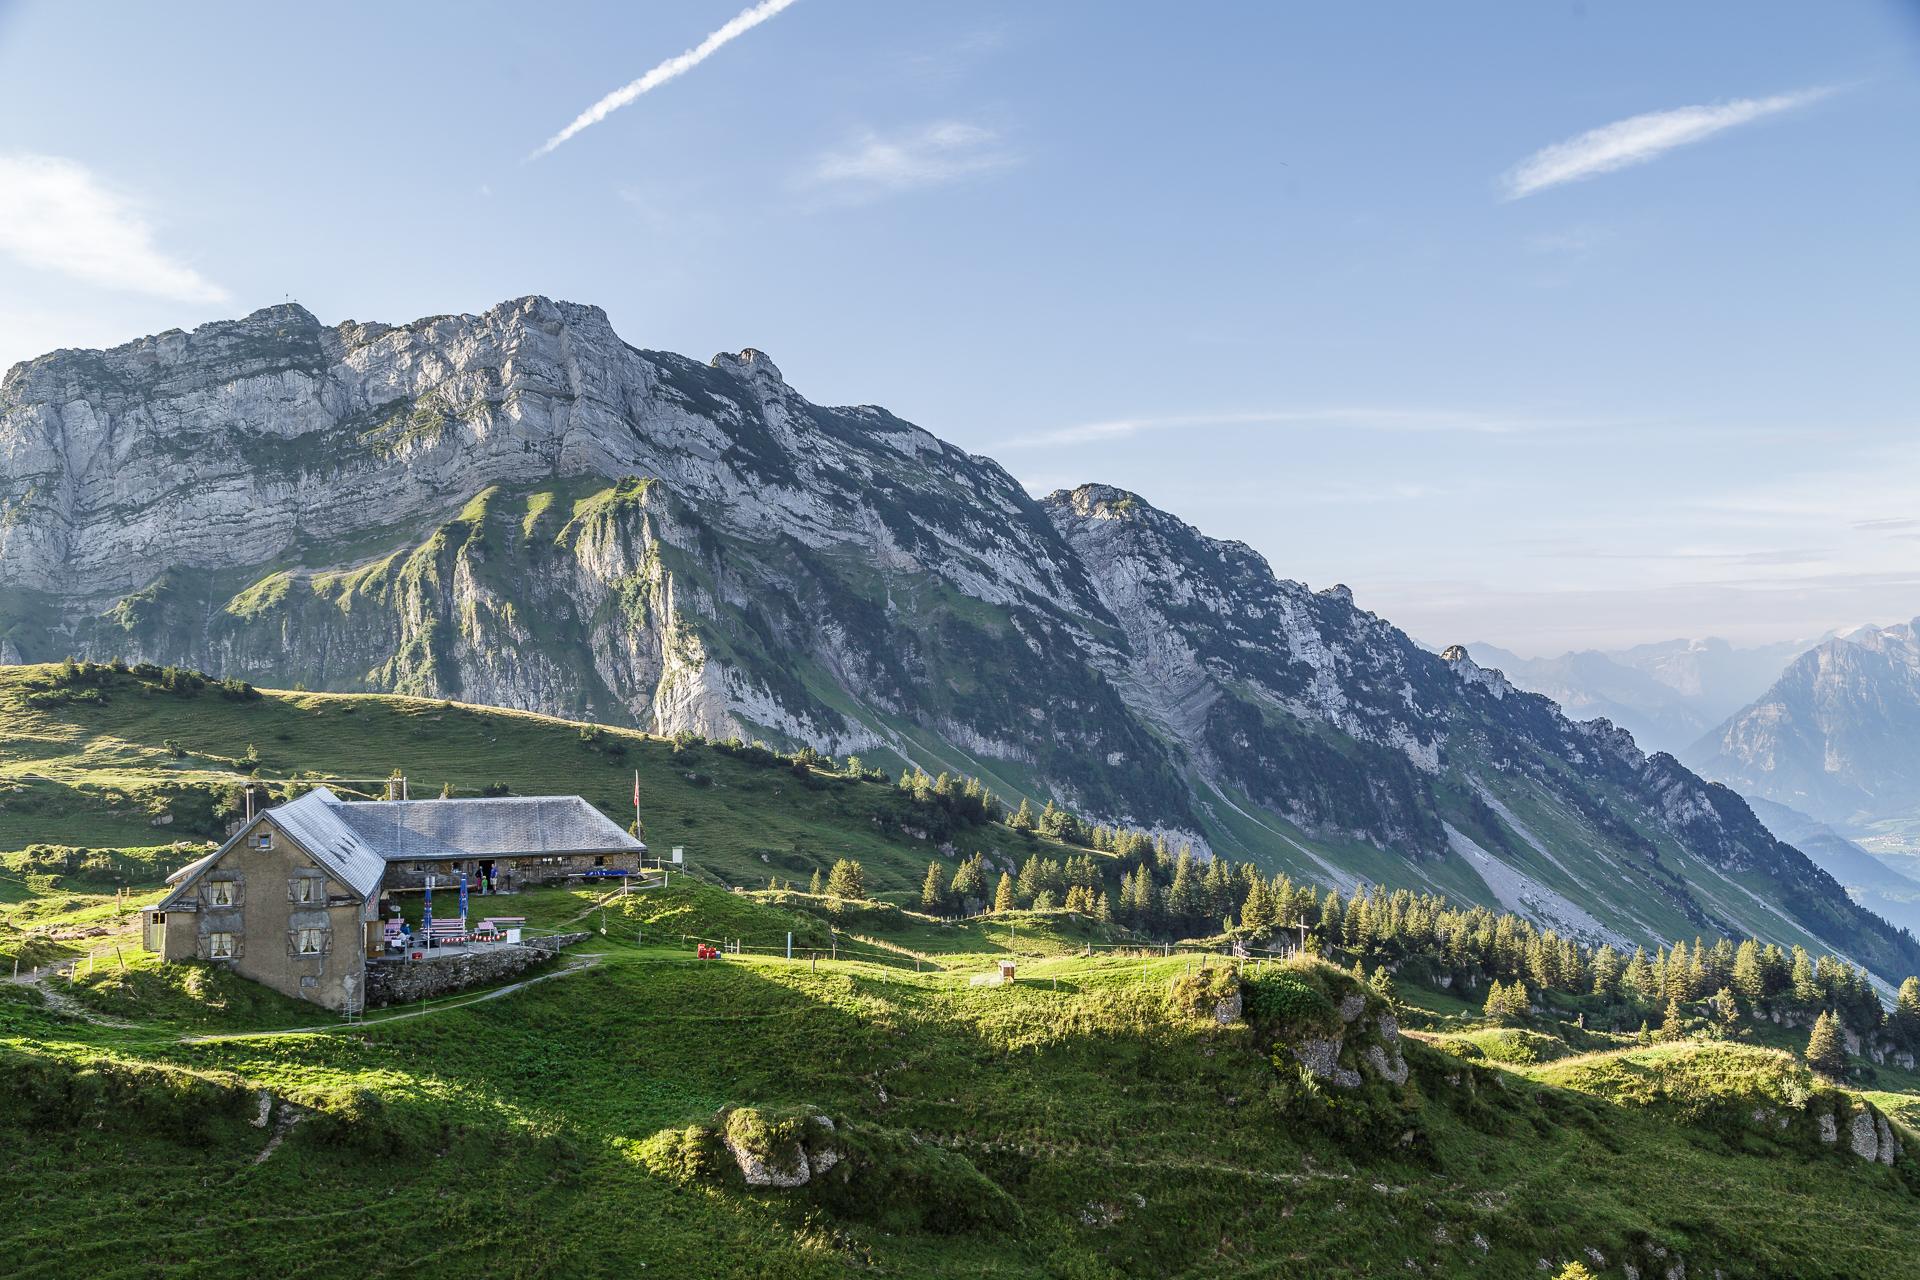 Klettersteig Gantrisch : Klettersteig archive ⋆ geo